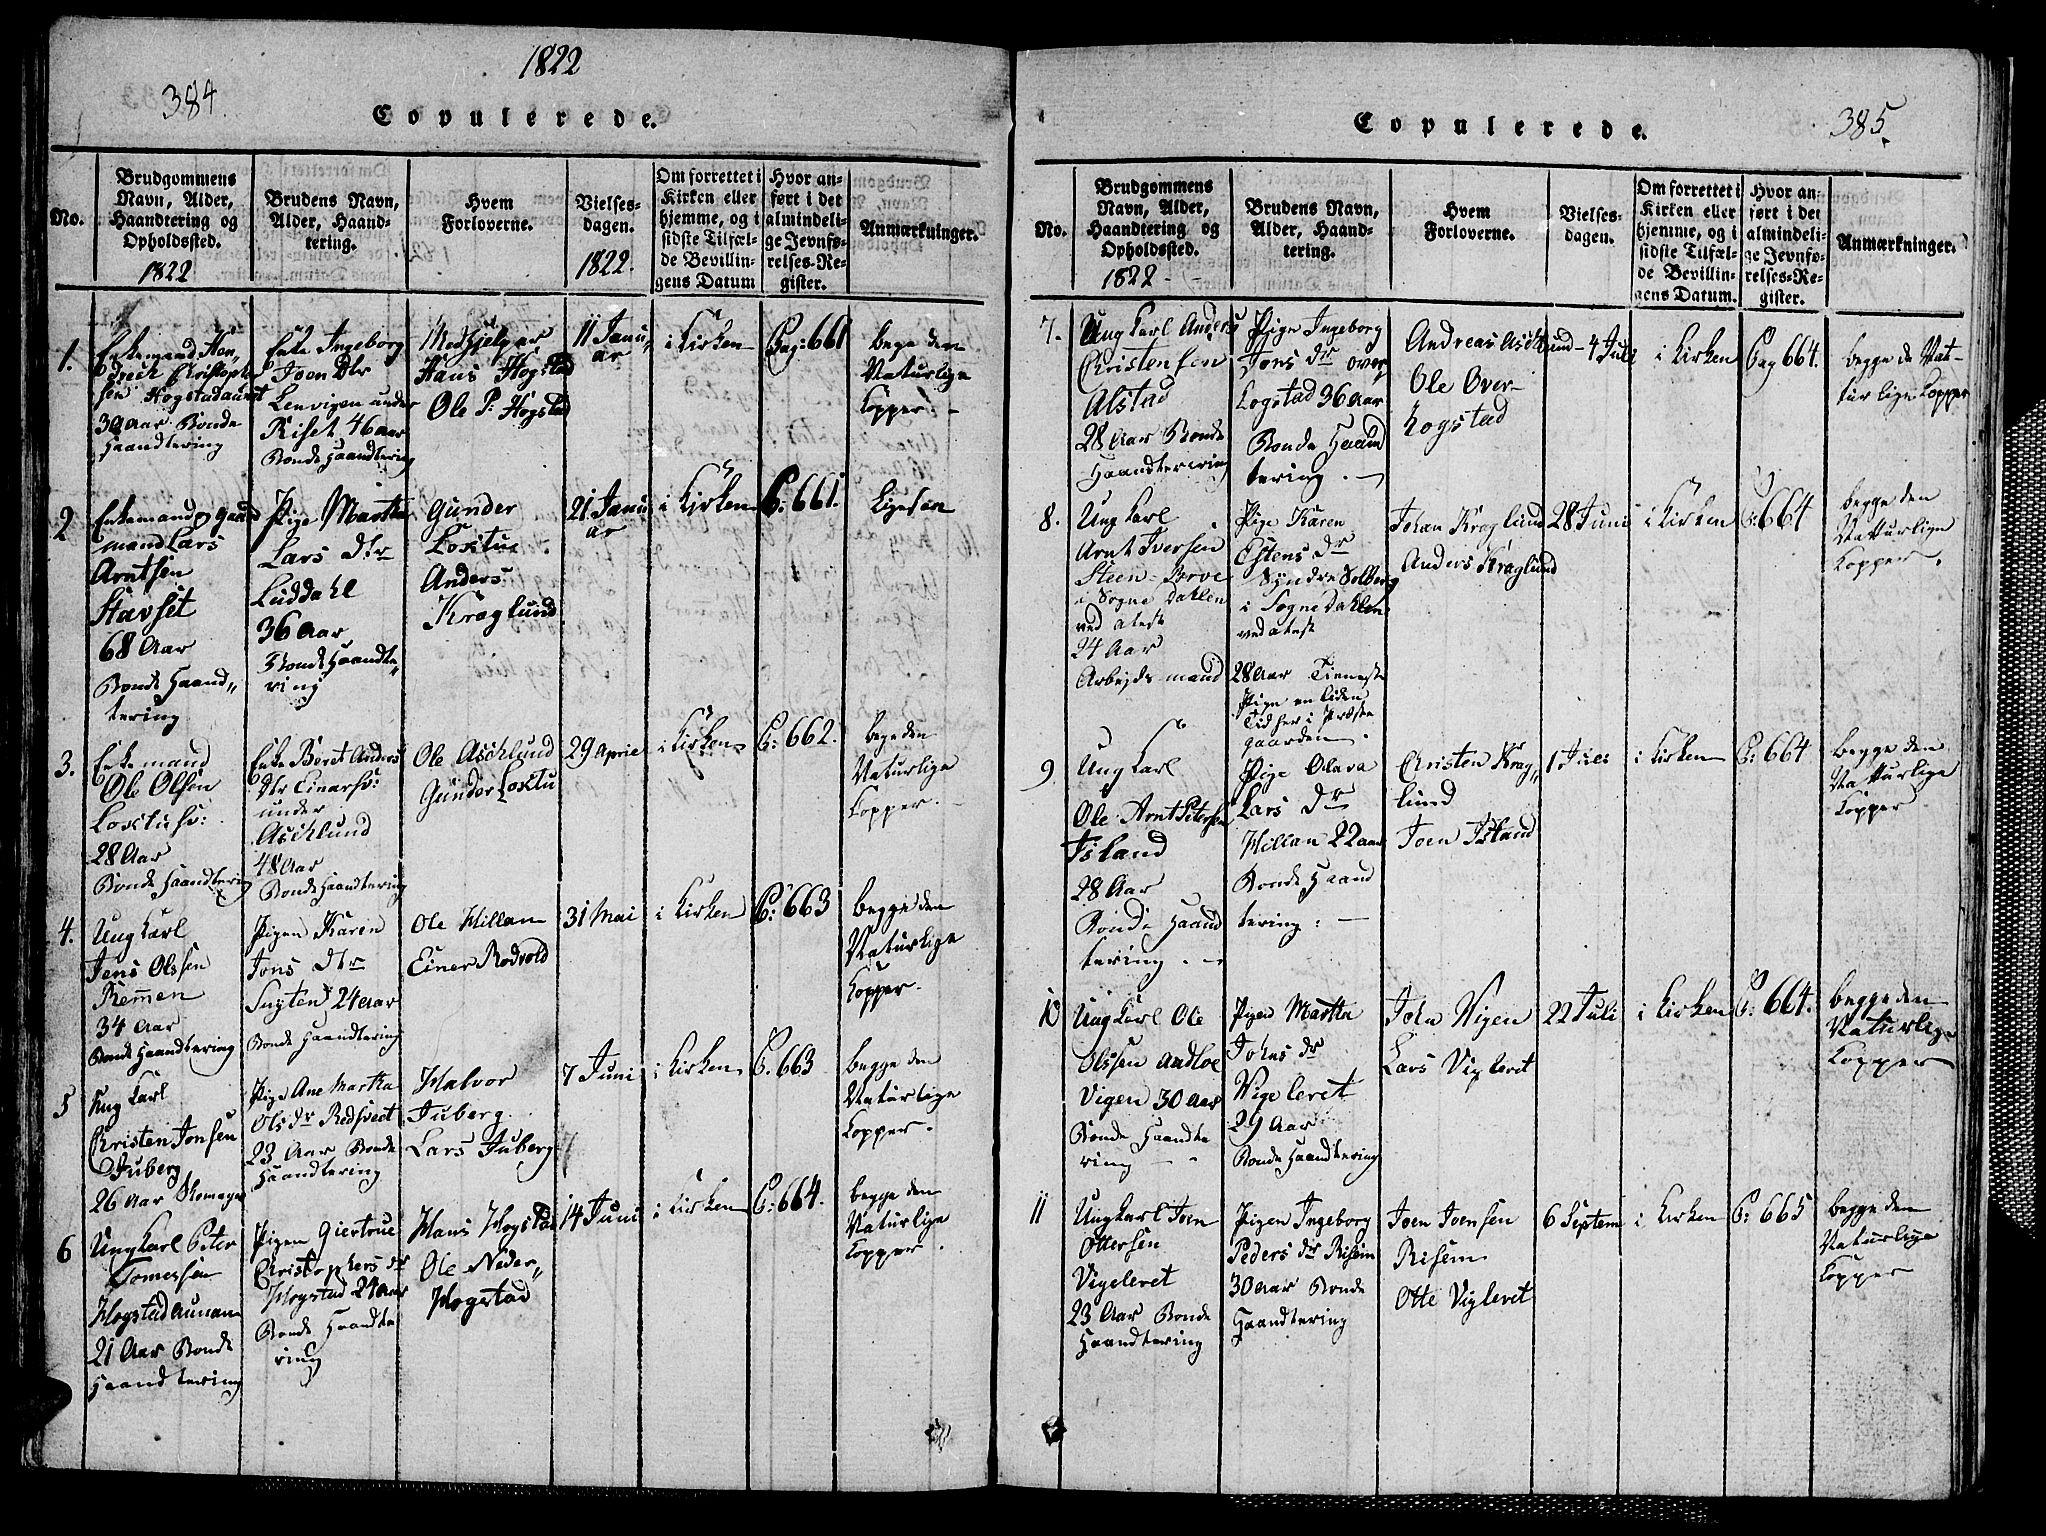 SAT, Ministerialprotokoller, klokkerbøker og fødselsregistre - Nord-Trøndelag, 713/L0124: Klokkerbok nr. 713C01, 1817-1827, s. 384-385